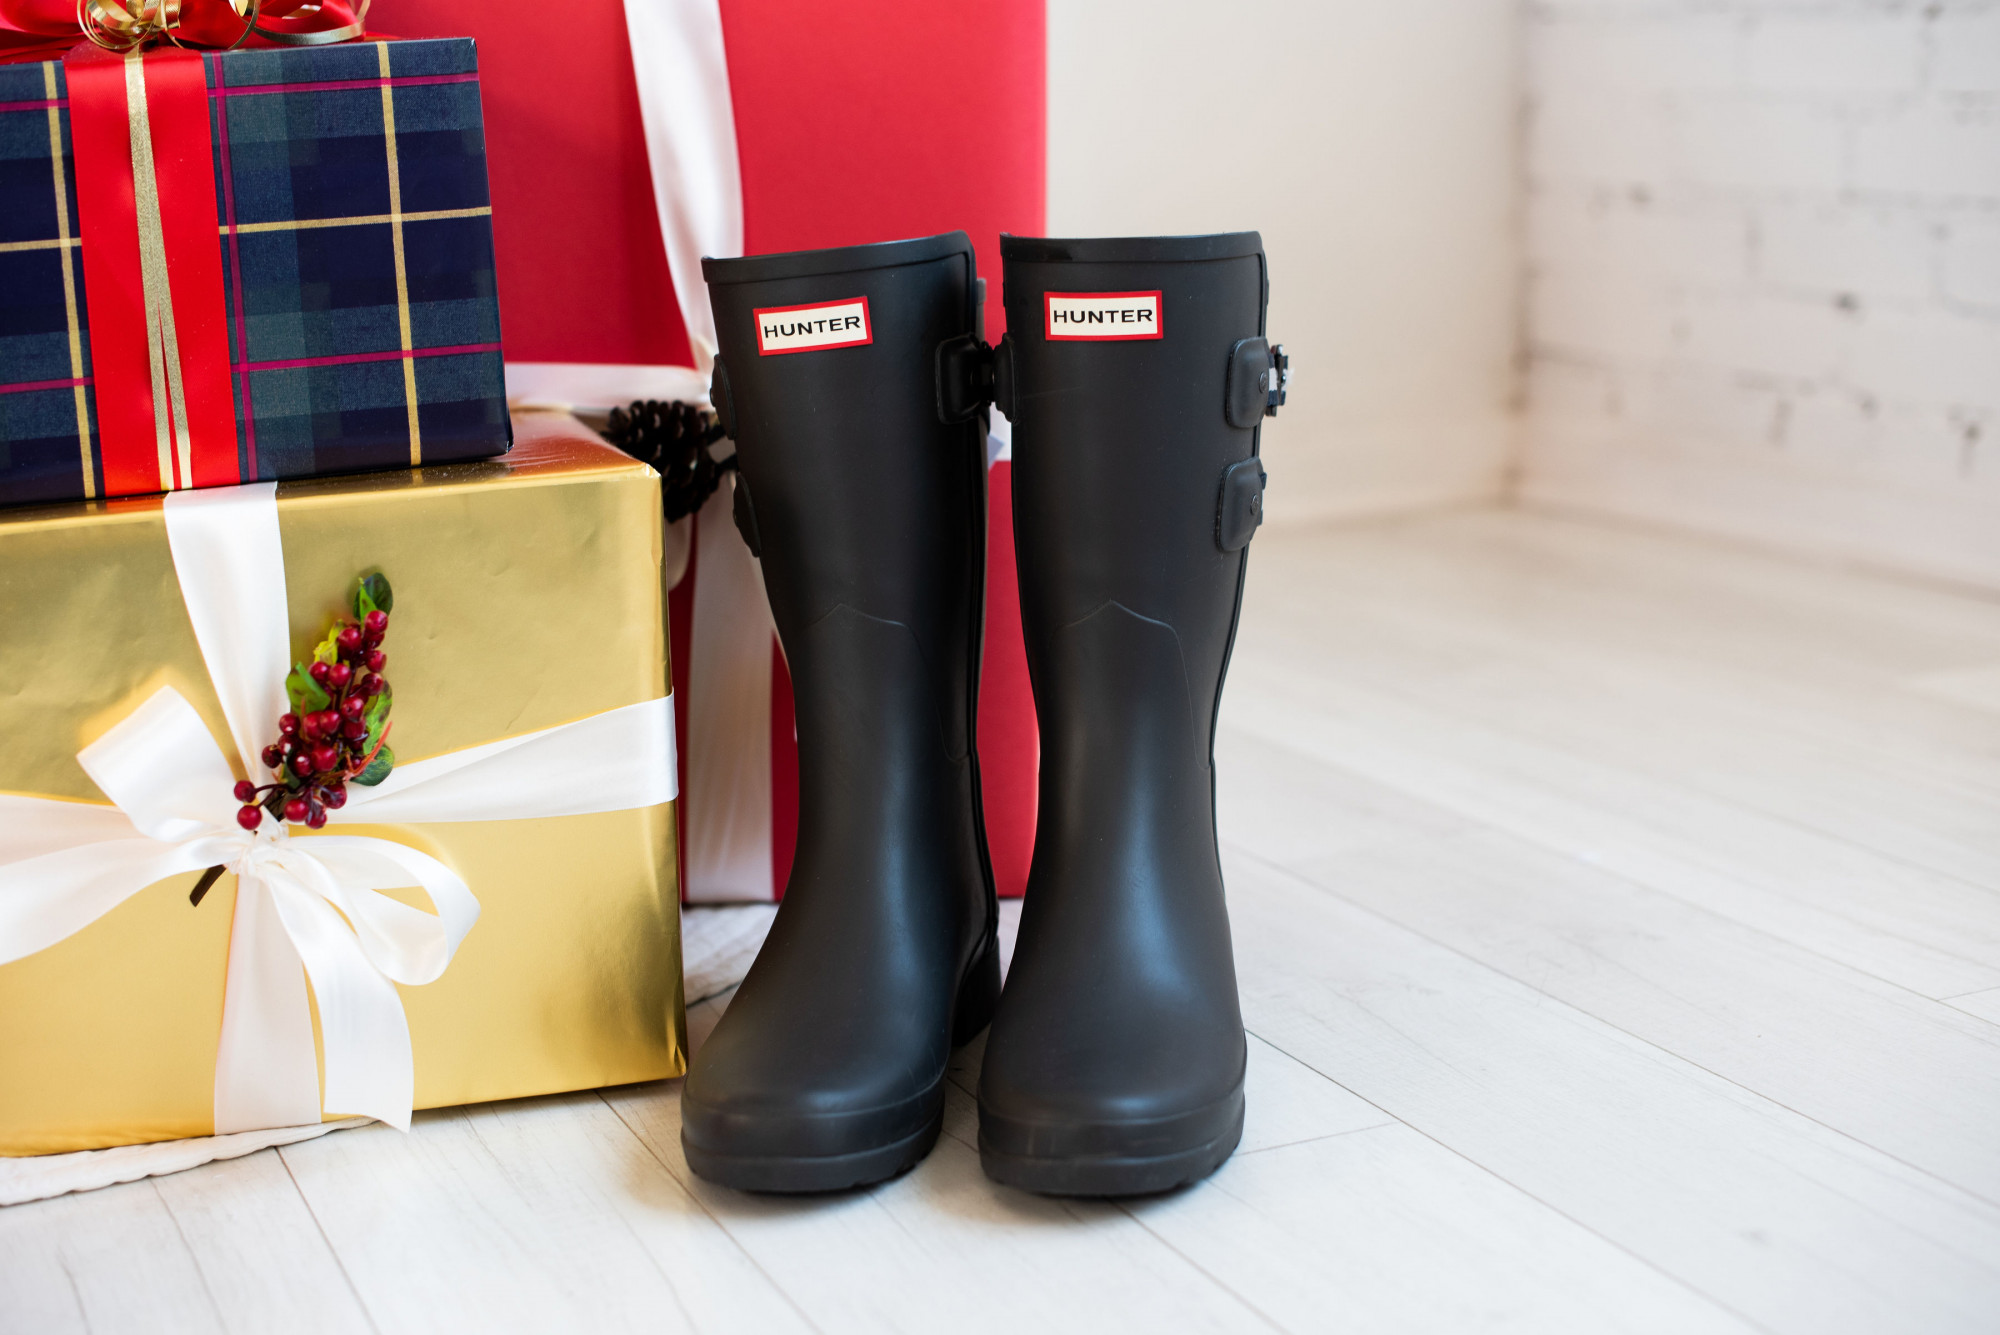 hunnter boots